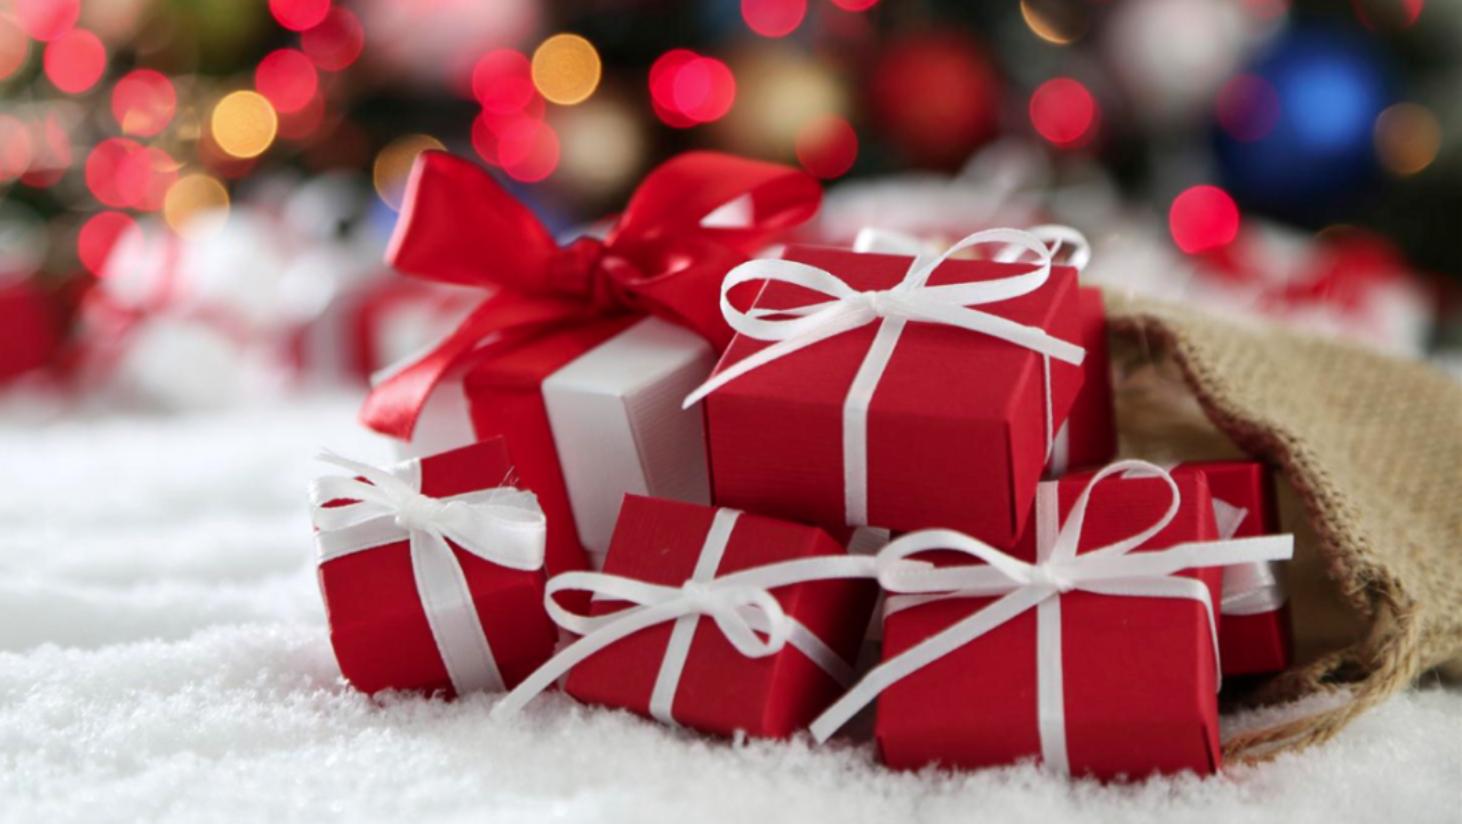 Regali Di Natale Per Colleghi.Regali Di Natale Colleghi Frismarketingadvies